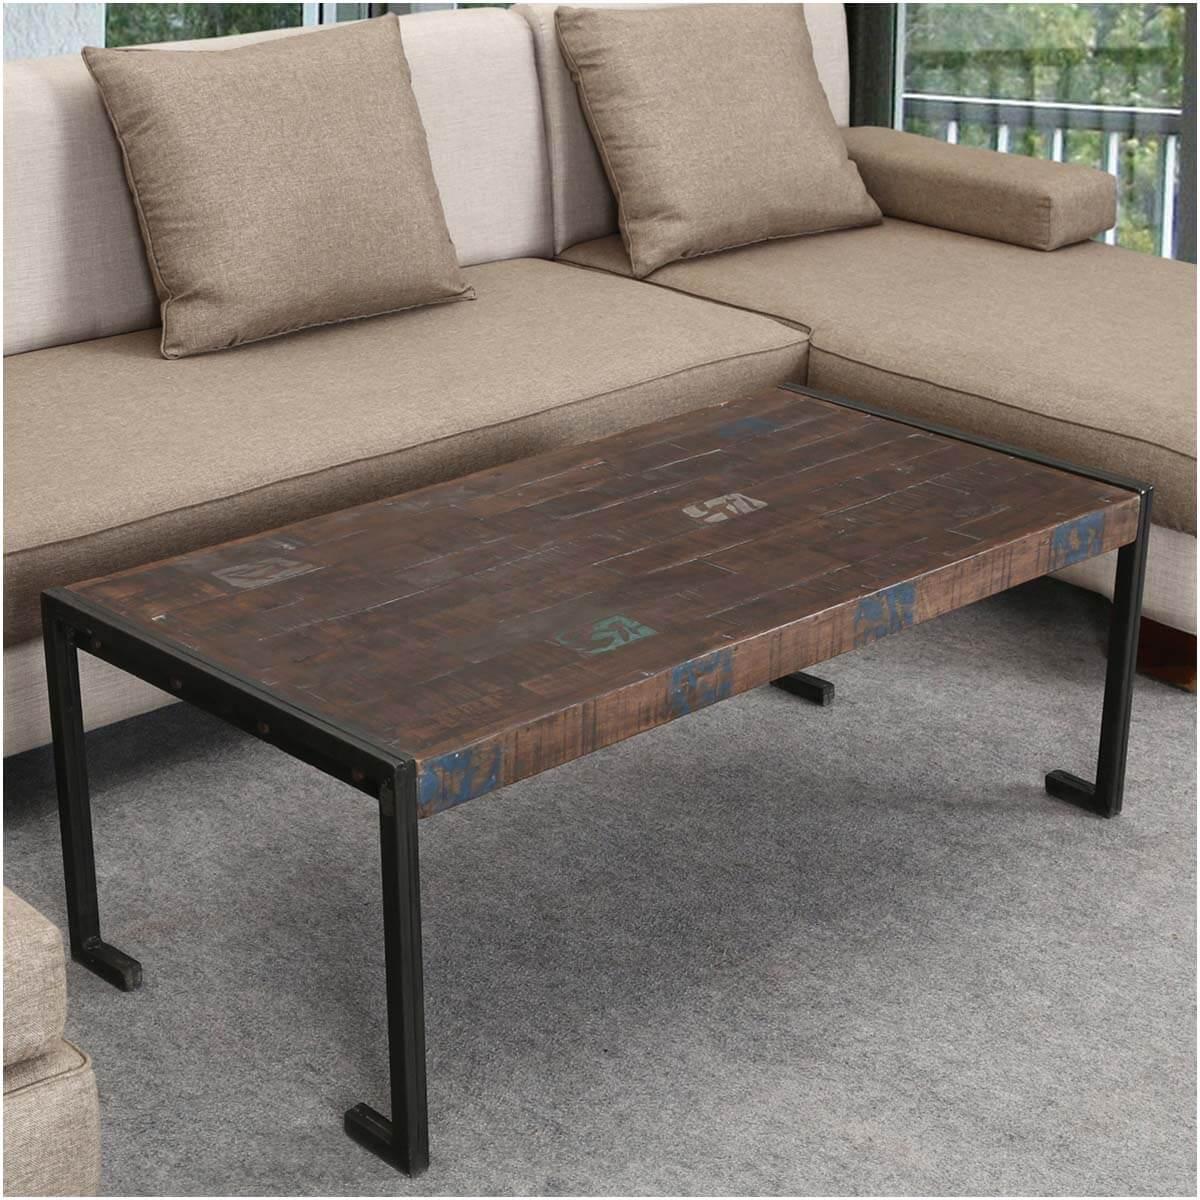 Reclaimed Wood Industrial Metal Frame Rustic Coffee Table